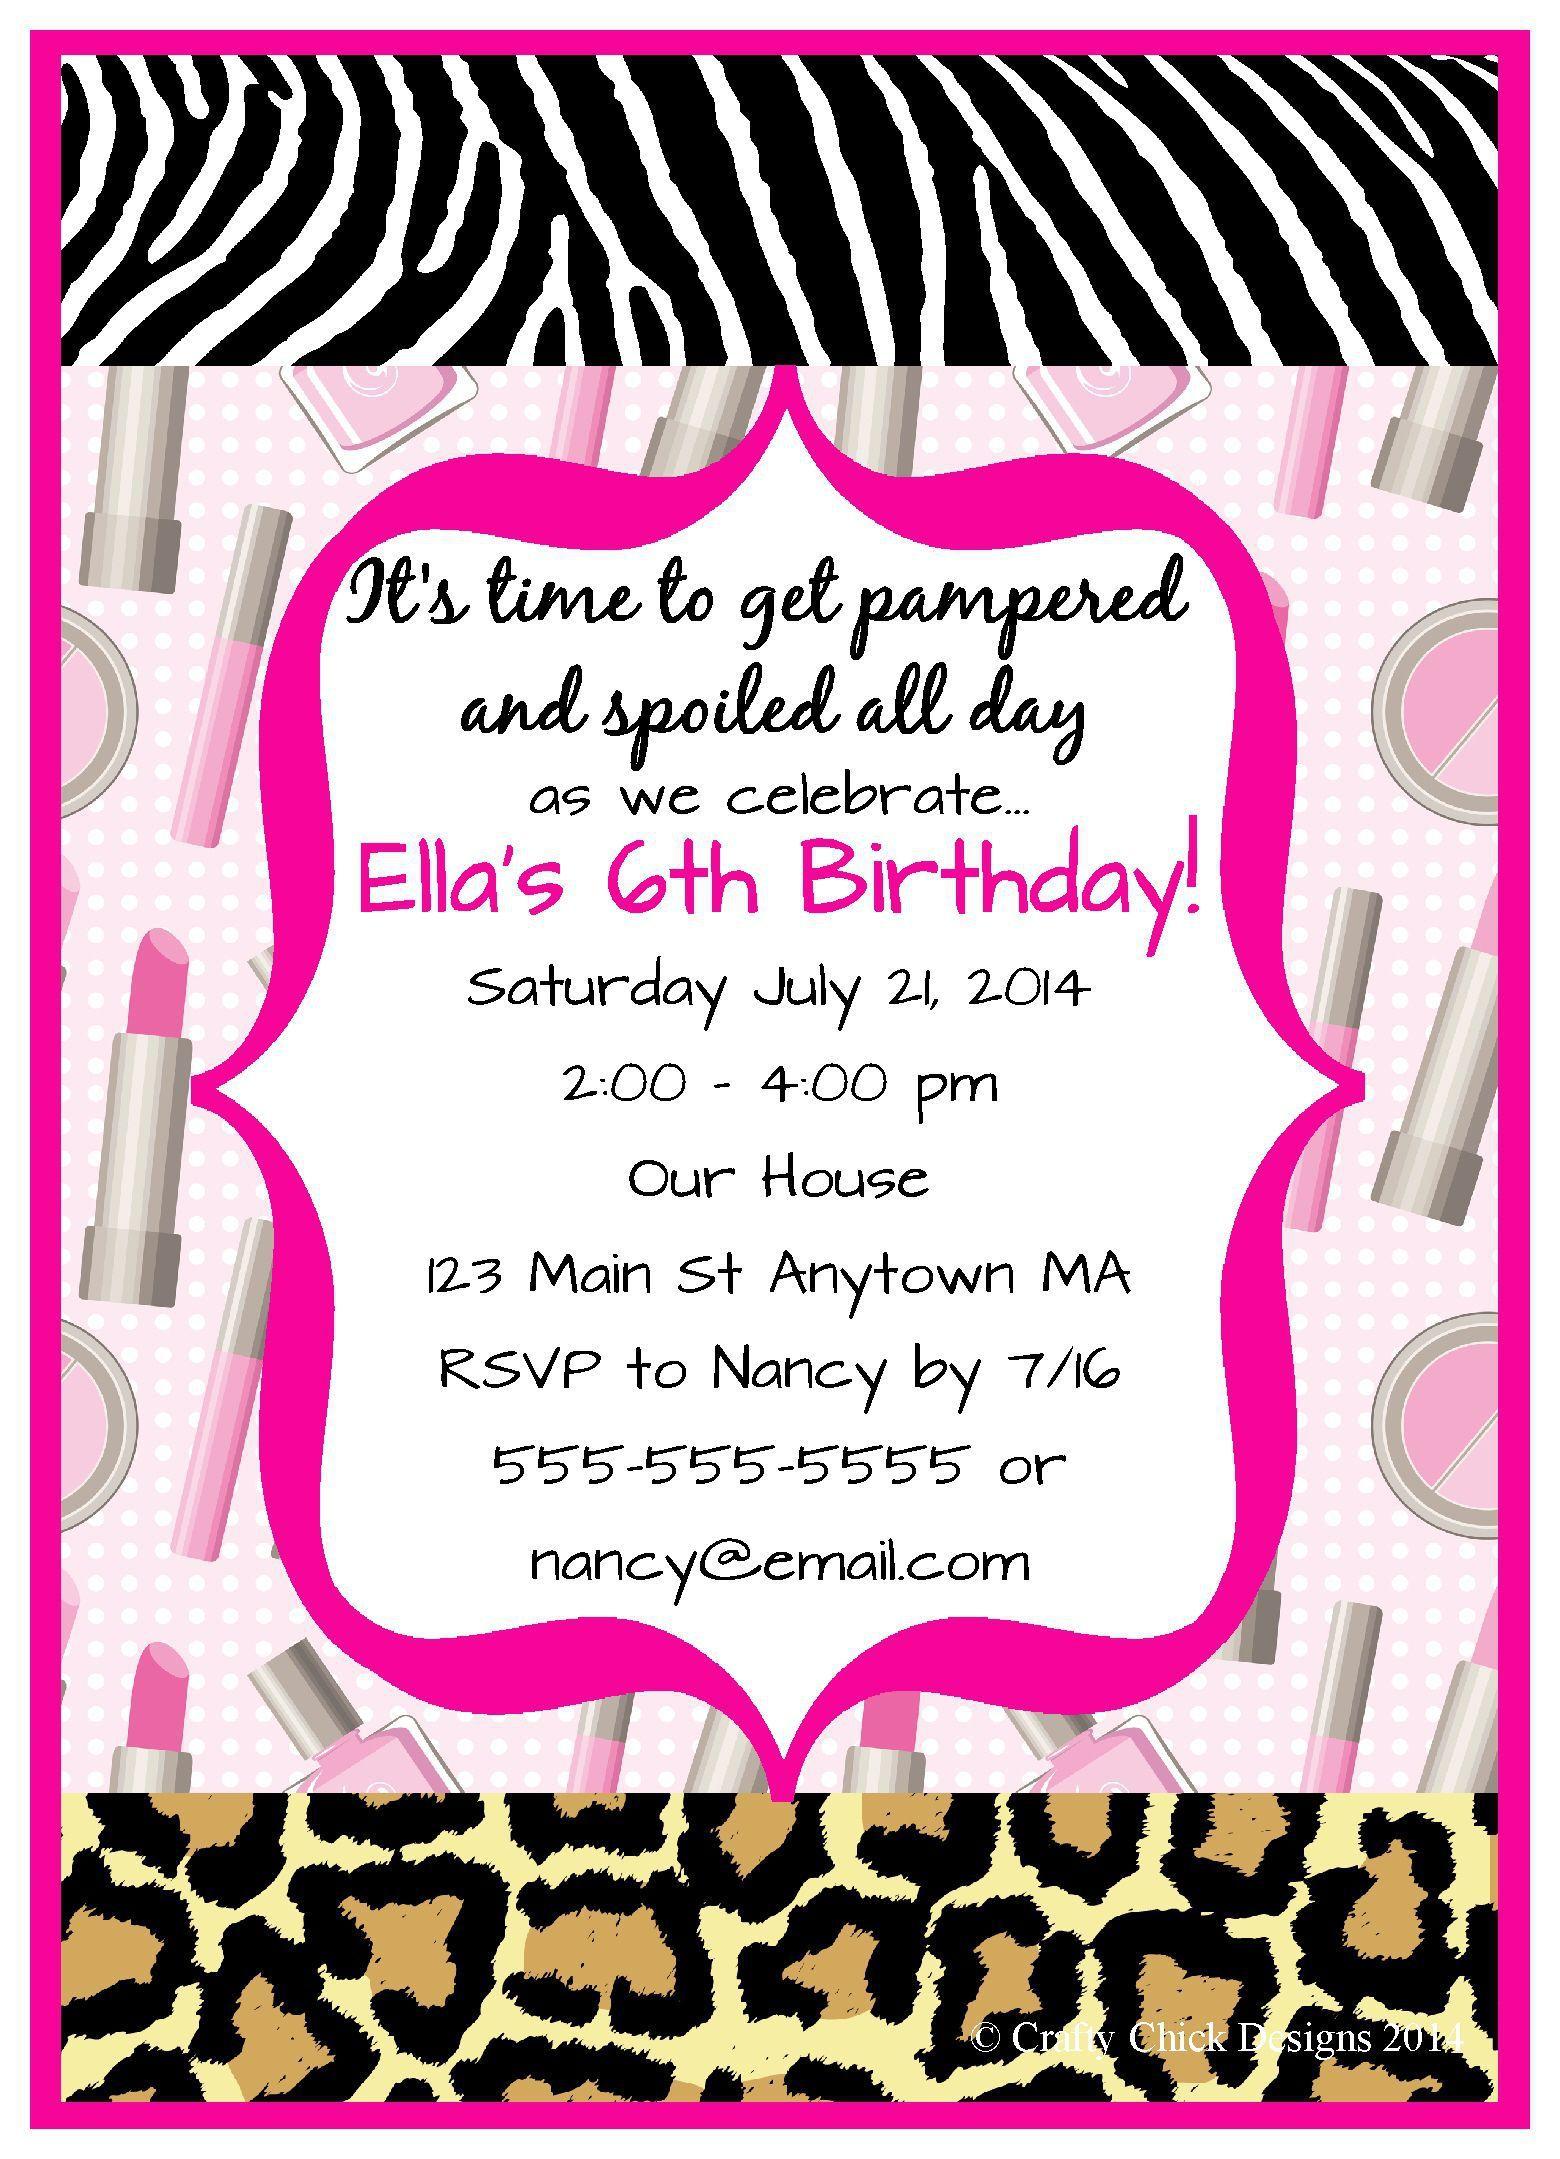 Kindergeburtstag Einladung Text | Geburtstag Einladung | Pinterest ...